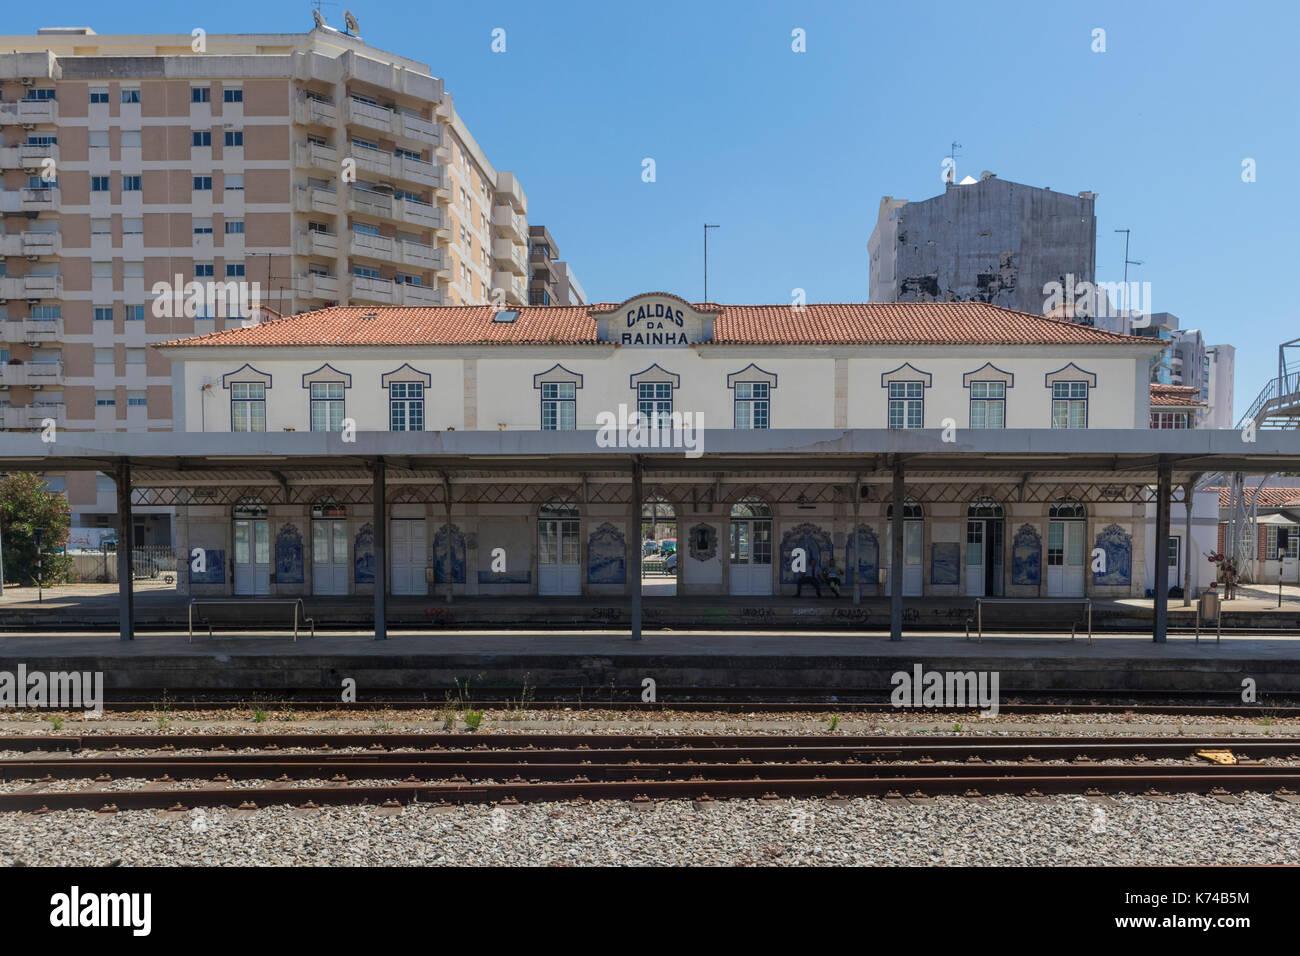 Railway tracks and platform of the Caldas da Rainha railway station Portugal - Stock Image